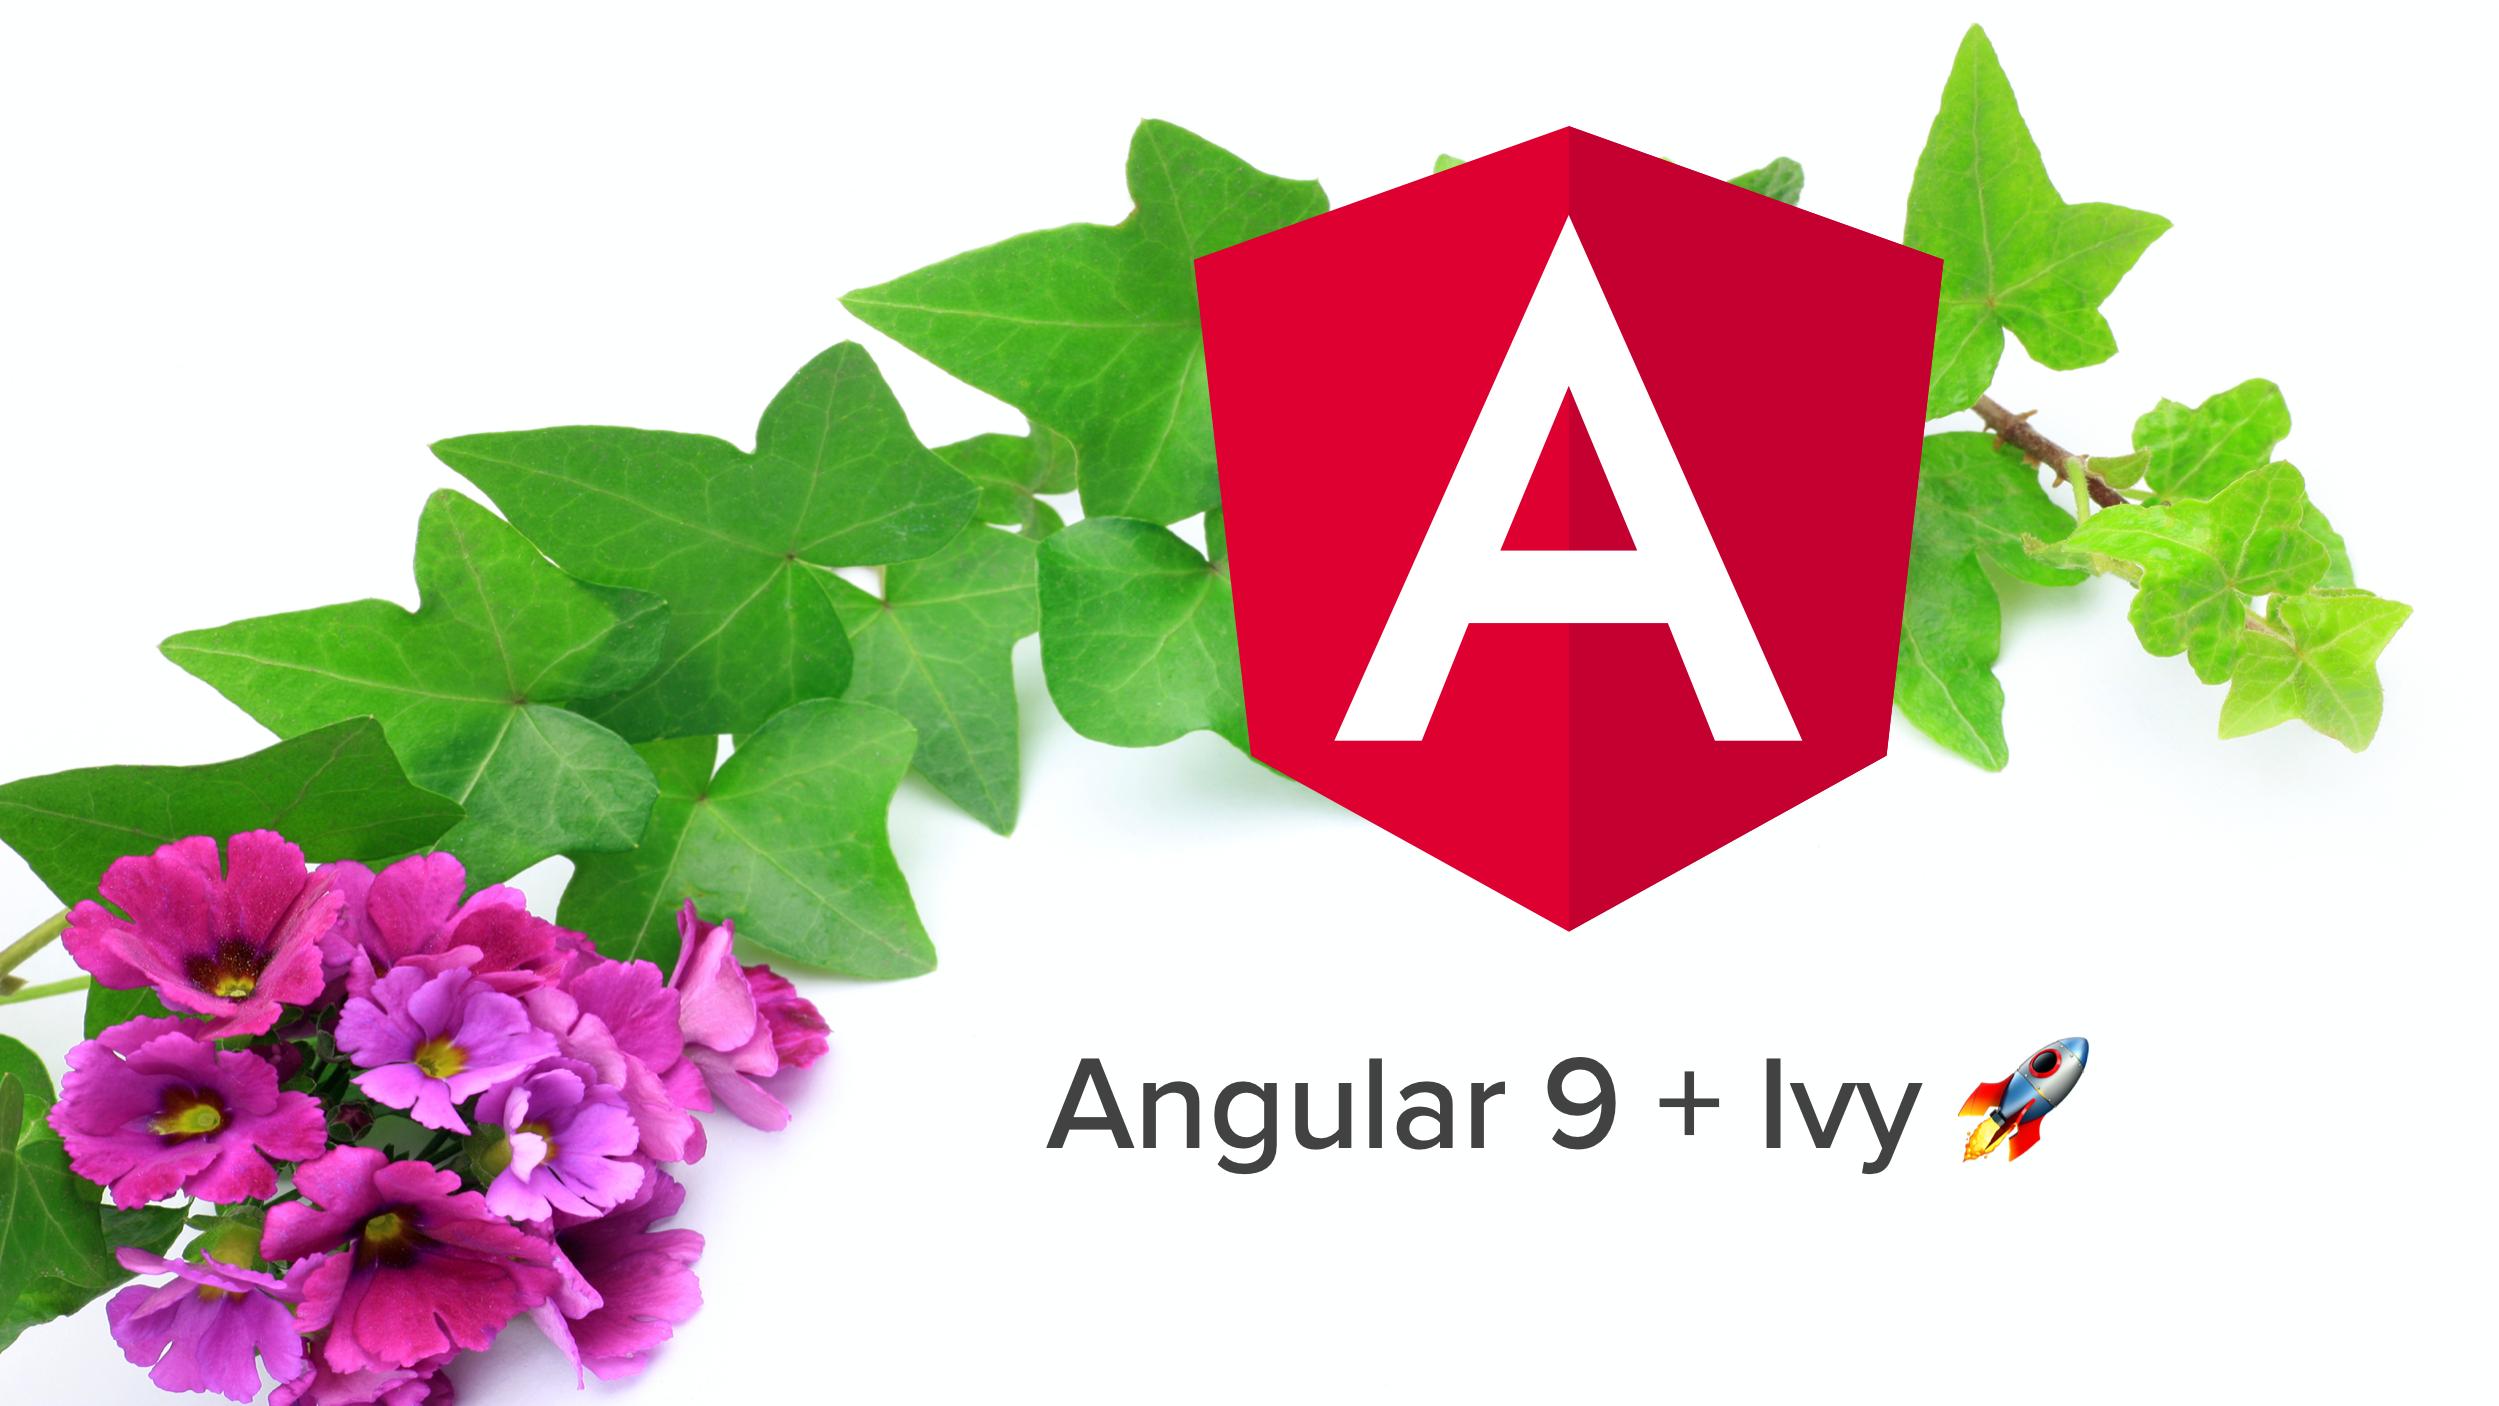 Angular 9 + Ivy FTW!